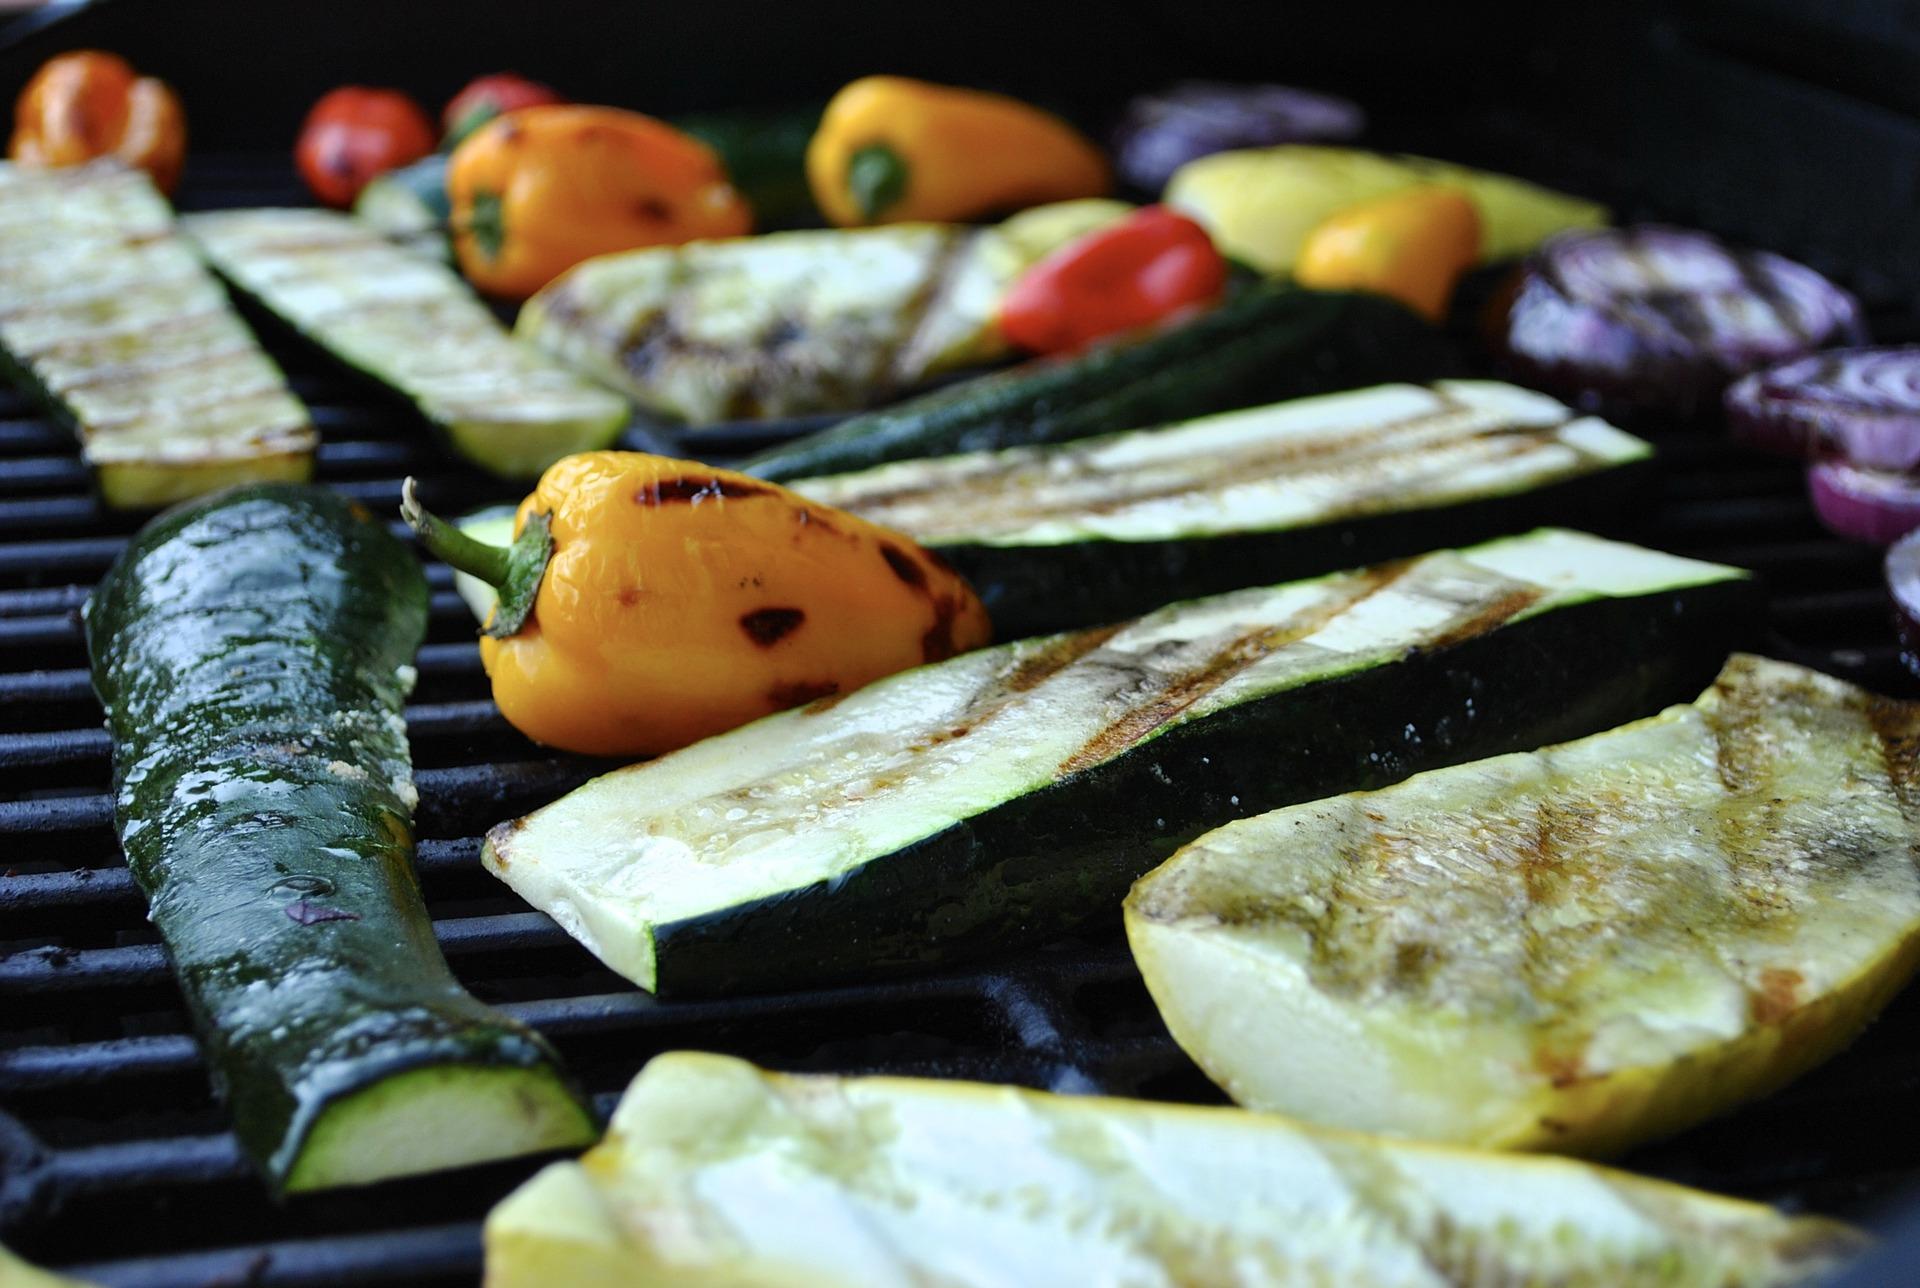 Es muss nicht immer Fleisch auf dem Grill sein. Grillgemüse oder Fleischersätze können ebenso lecker zubereitet sein. Foto: Angela Henderson Orr / Pixabay